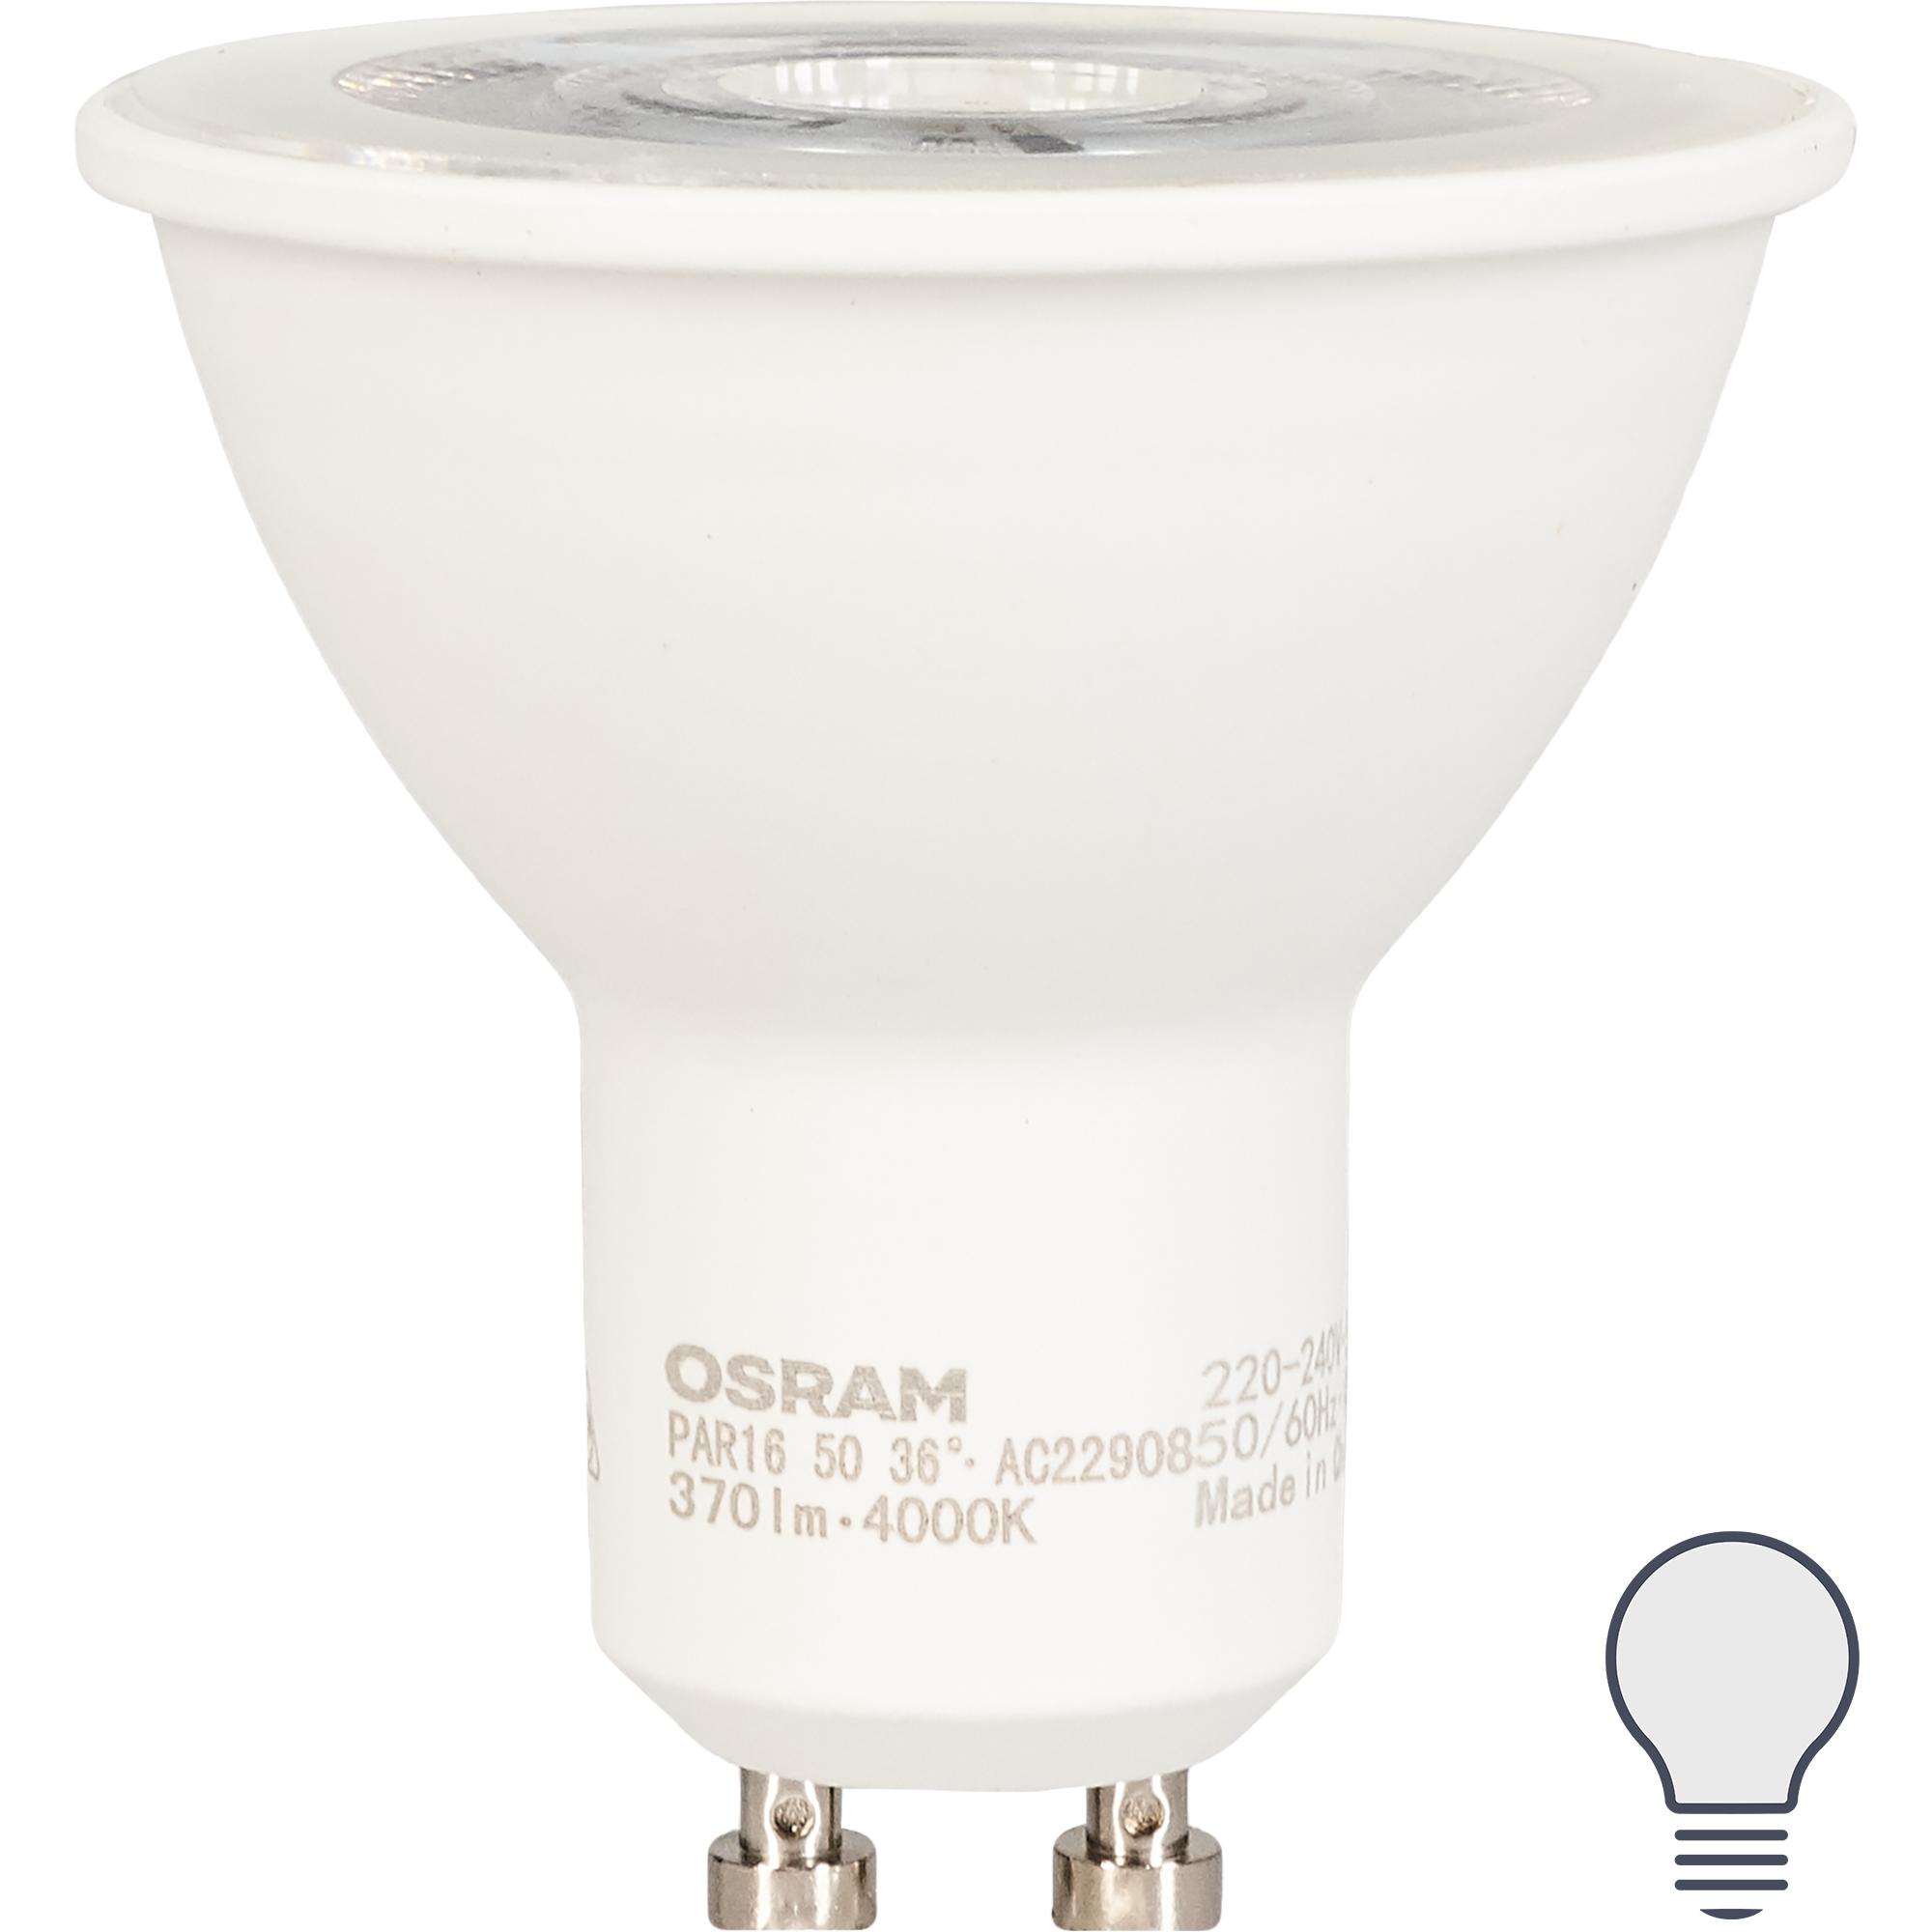 Лампа светодиодная Osram GU10 5 Вт спот прозрачная 370 лм нейтральный белый свет